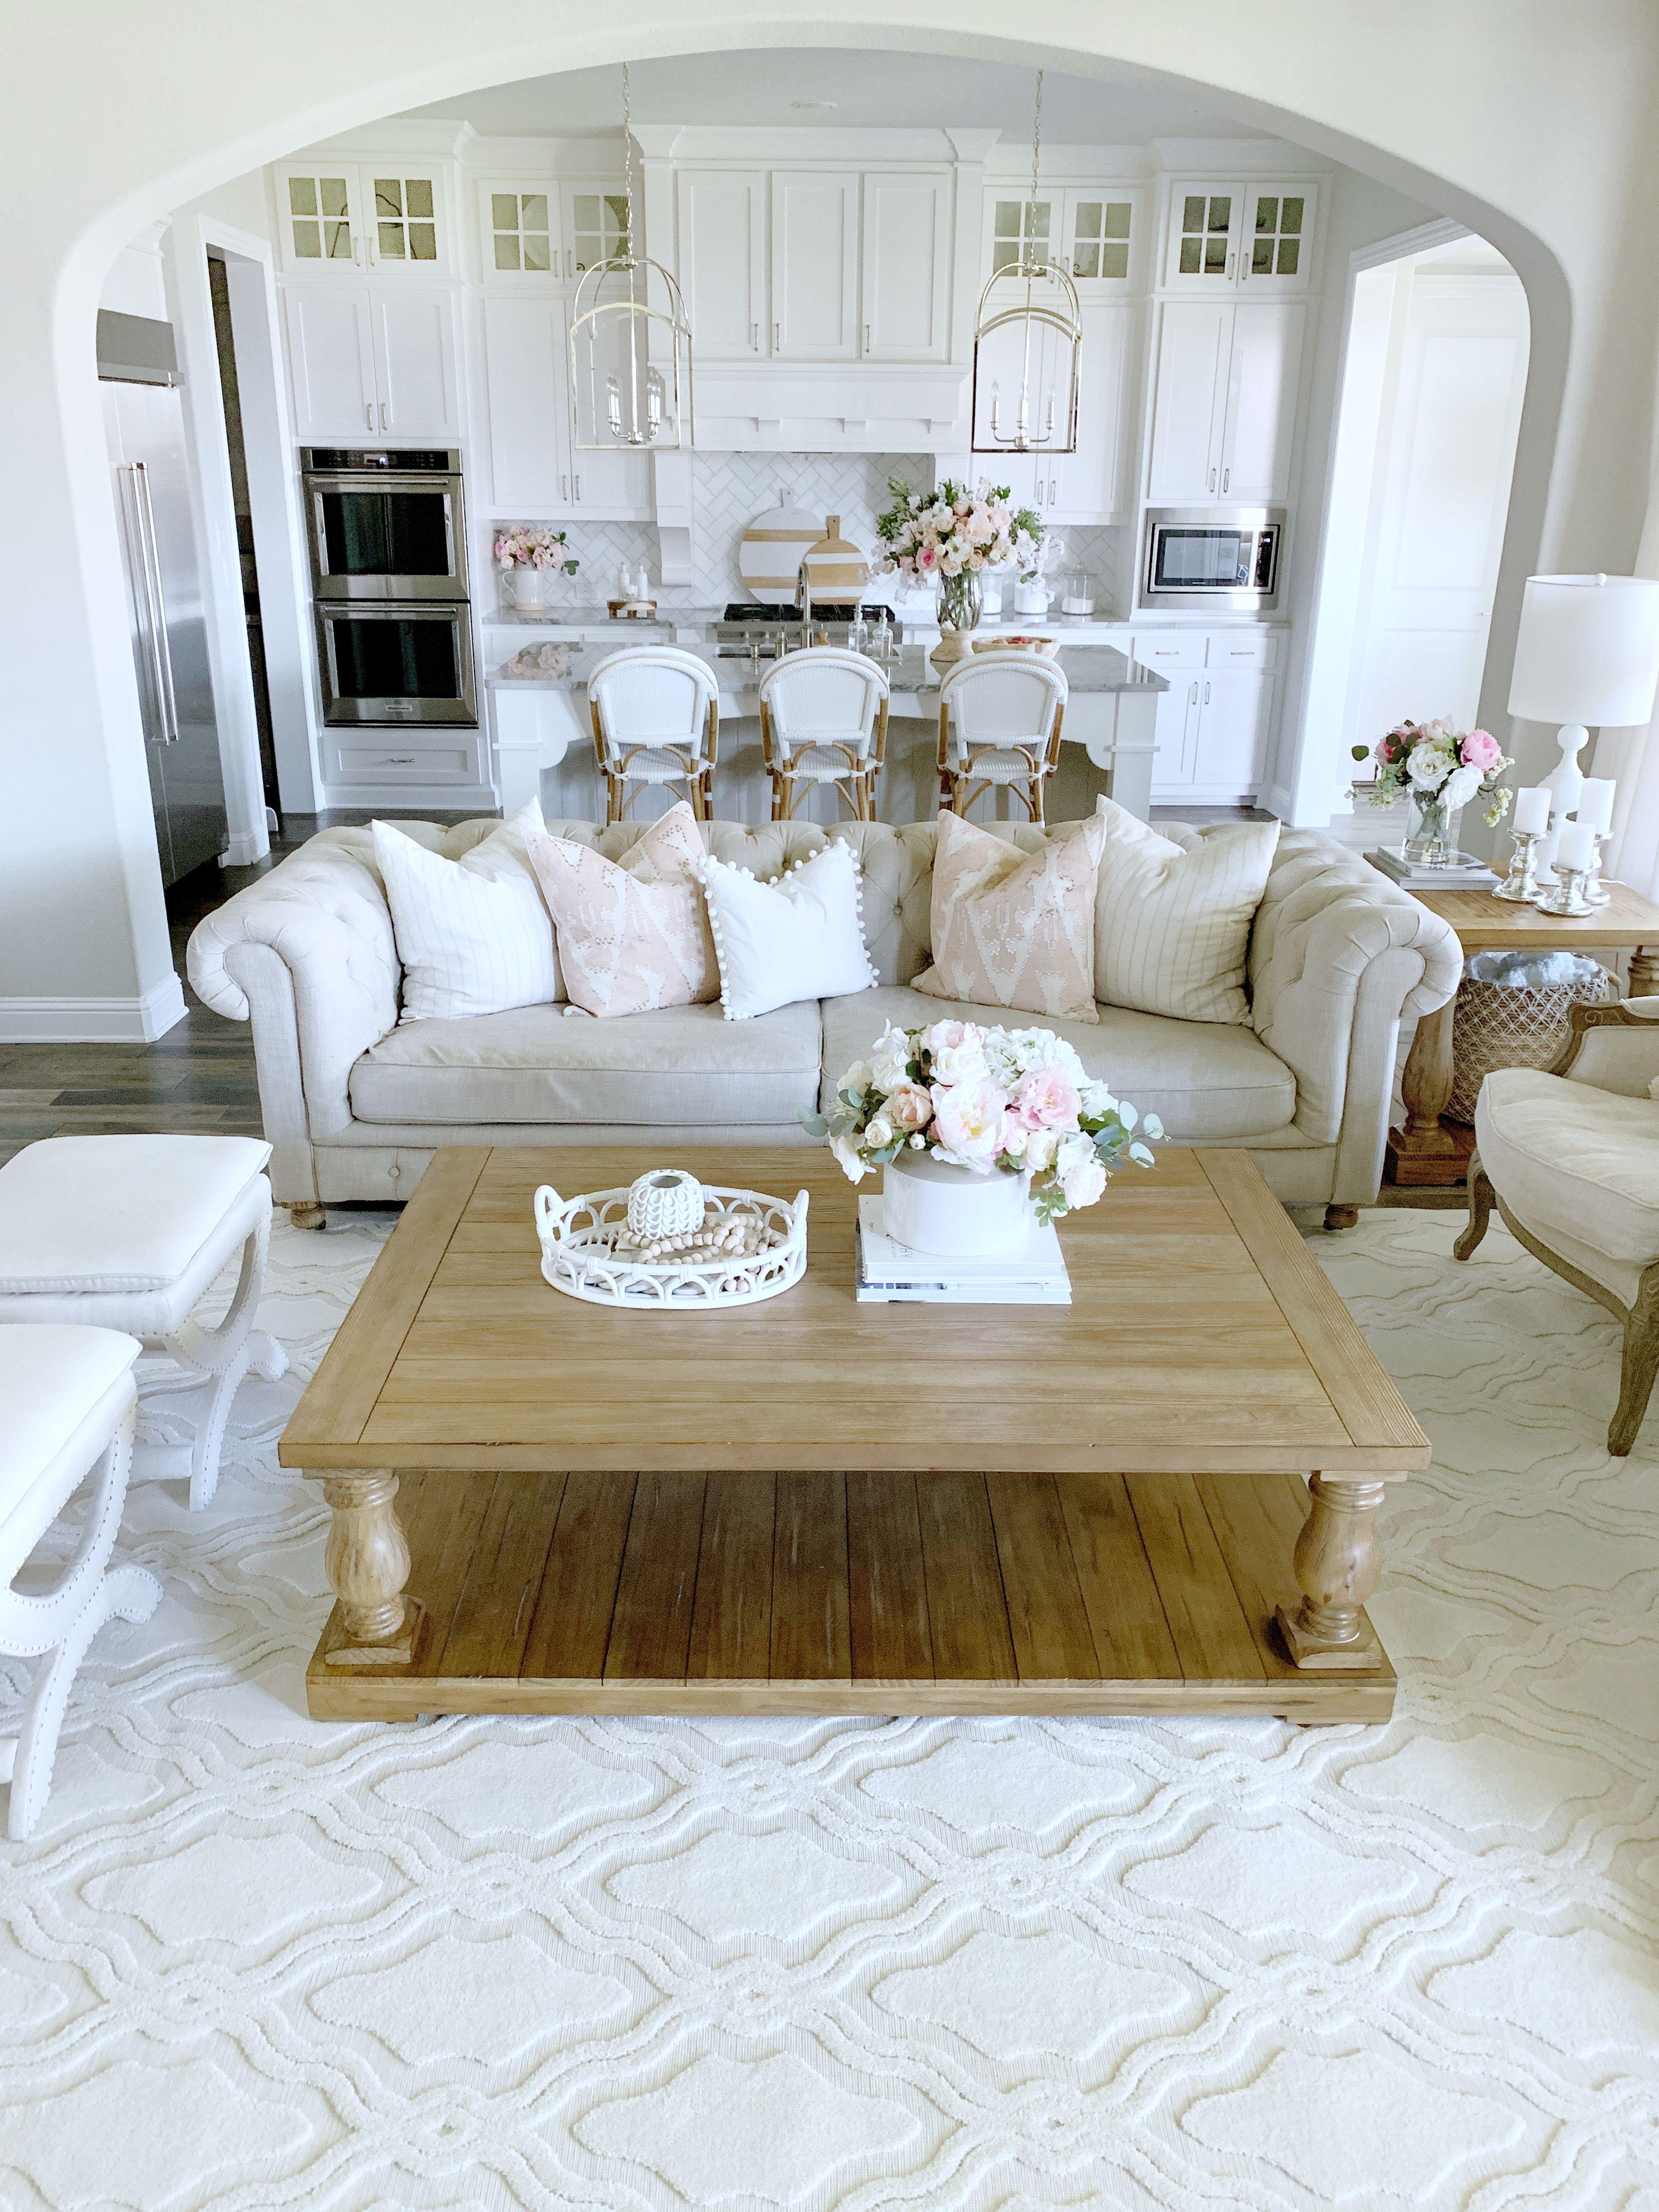 Cotton Blossom Home Living Room Home Decor House Inte